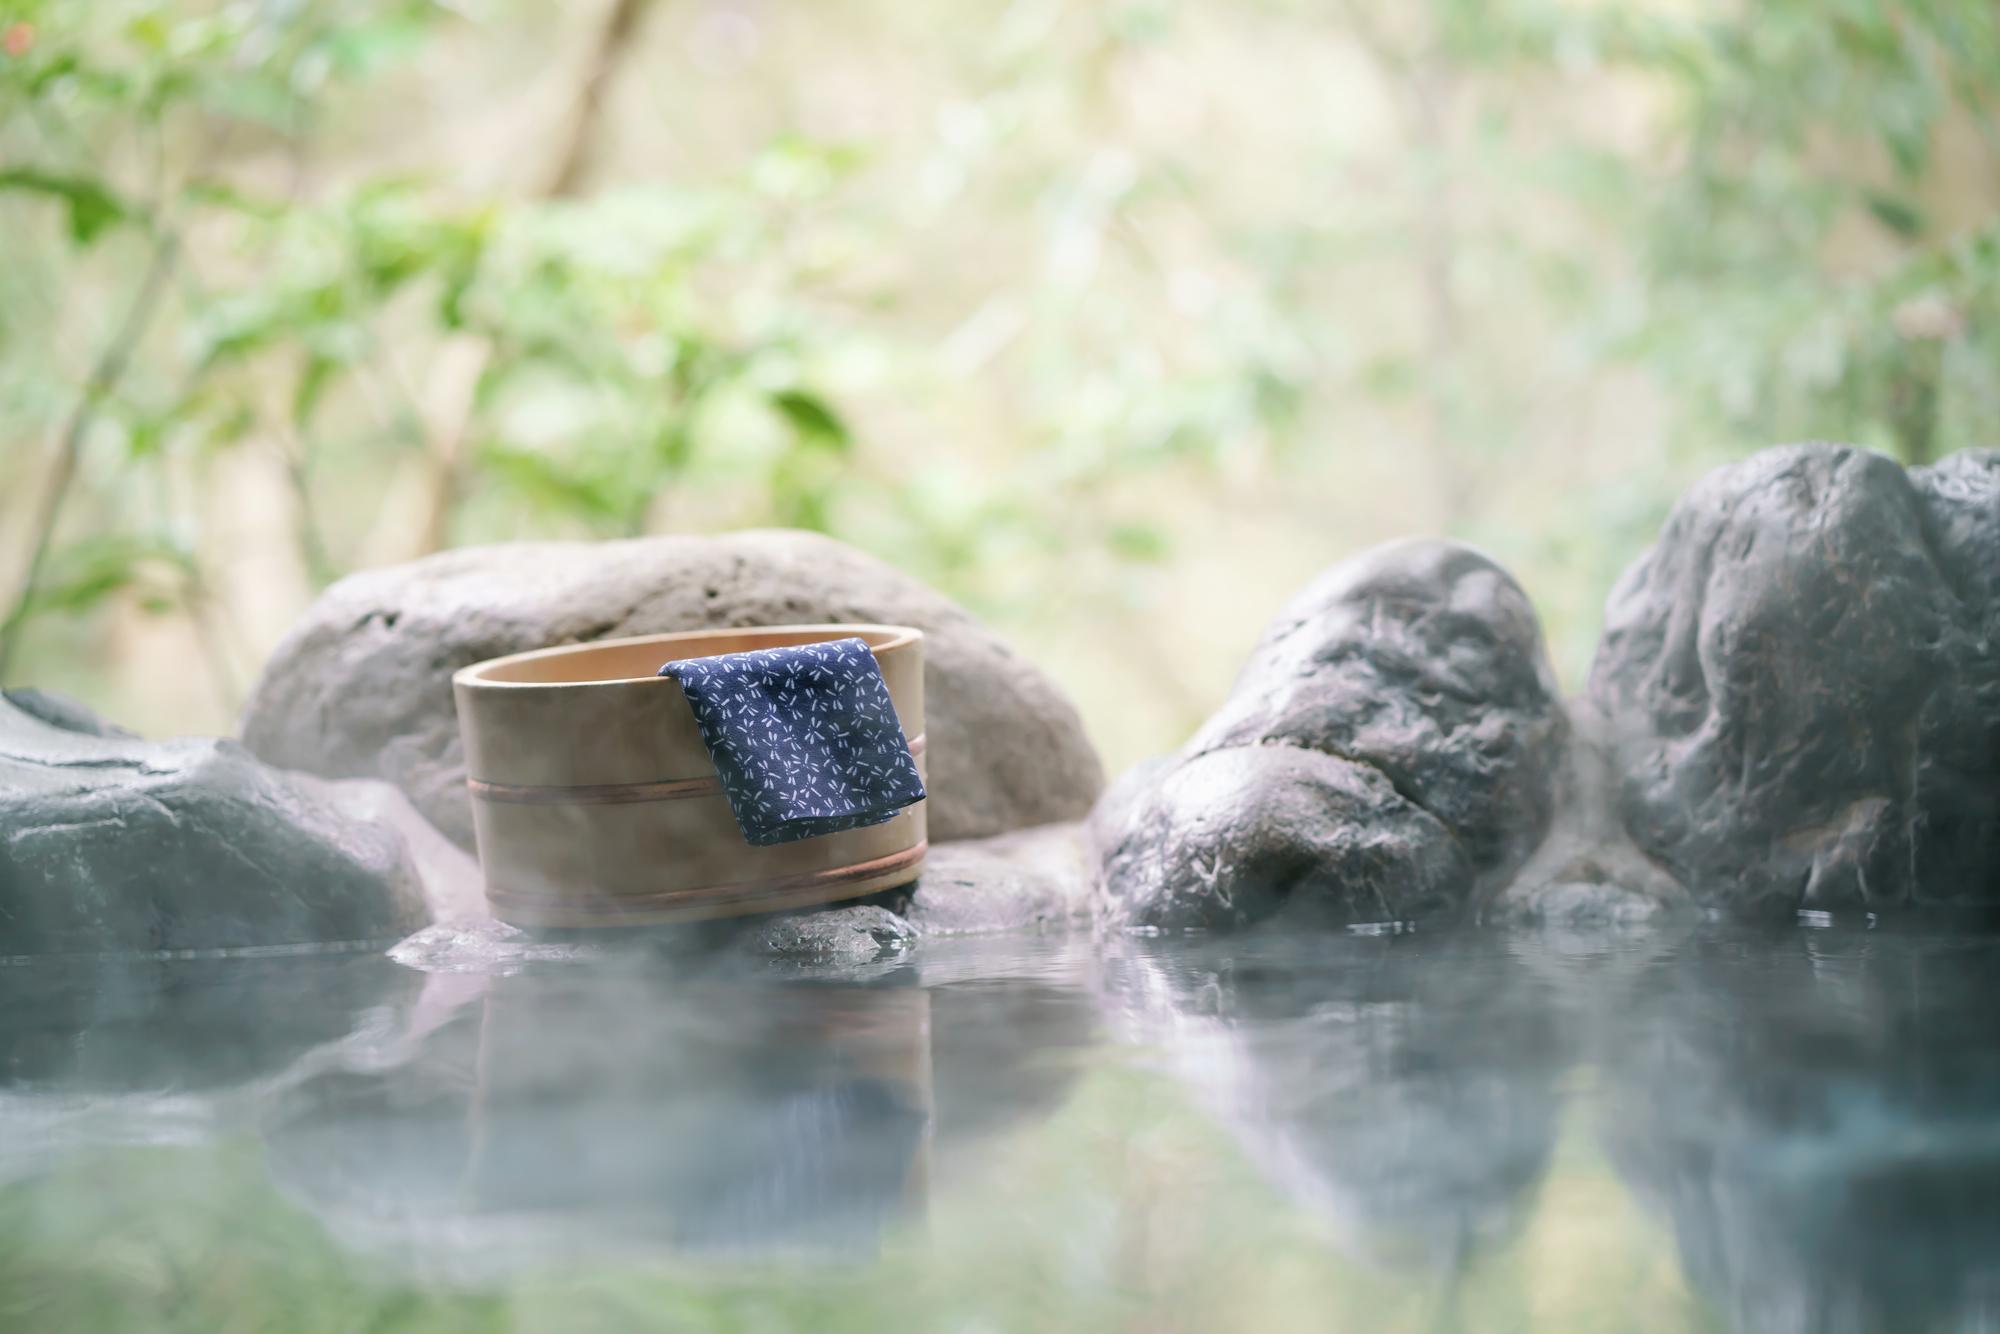 温泉大国日本。泉質を知って賢く楽しもう!